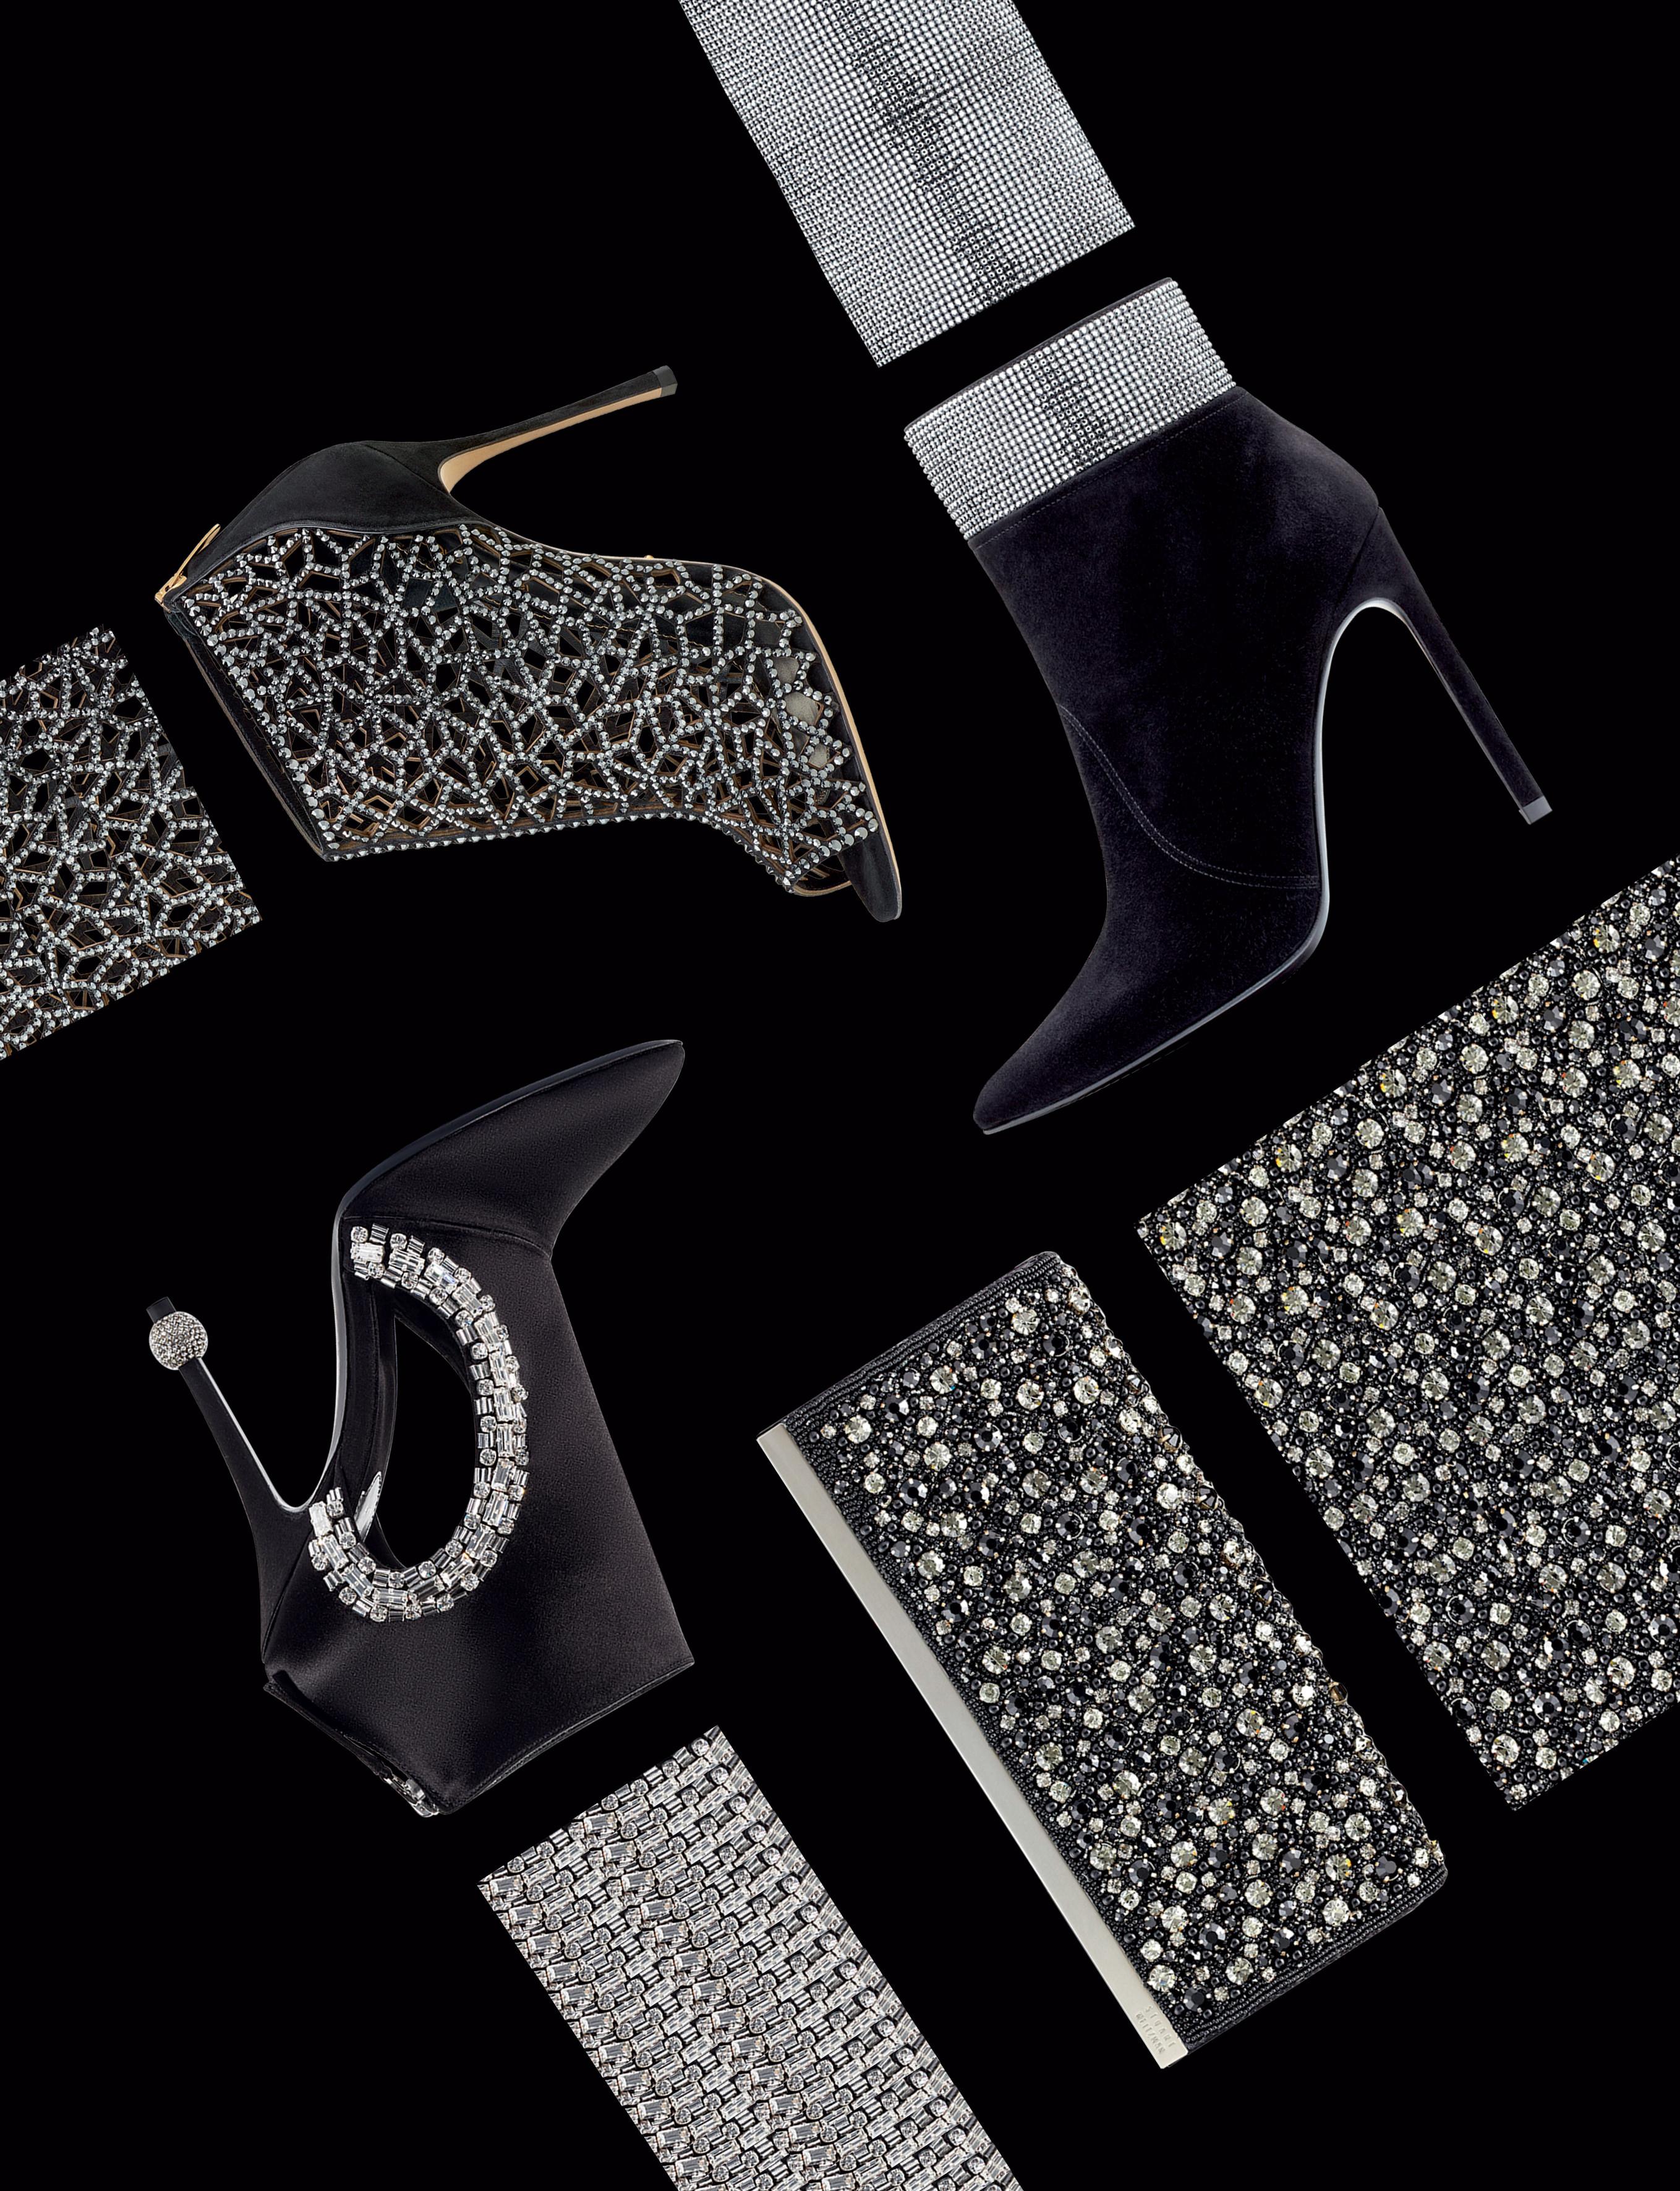 Sparkling accessories